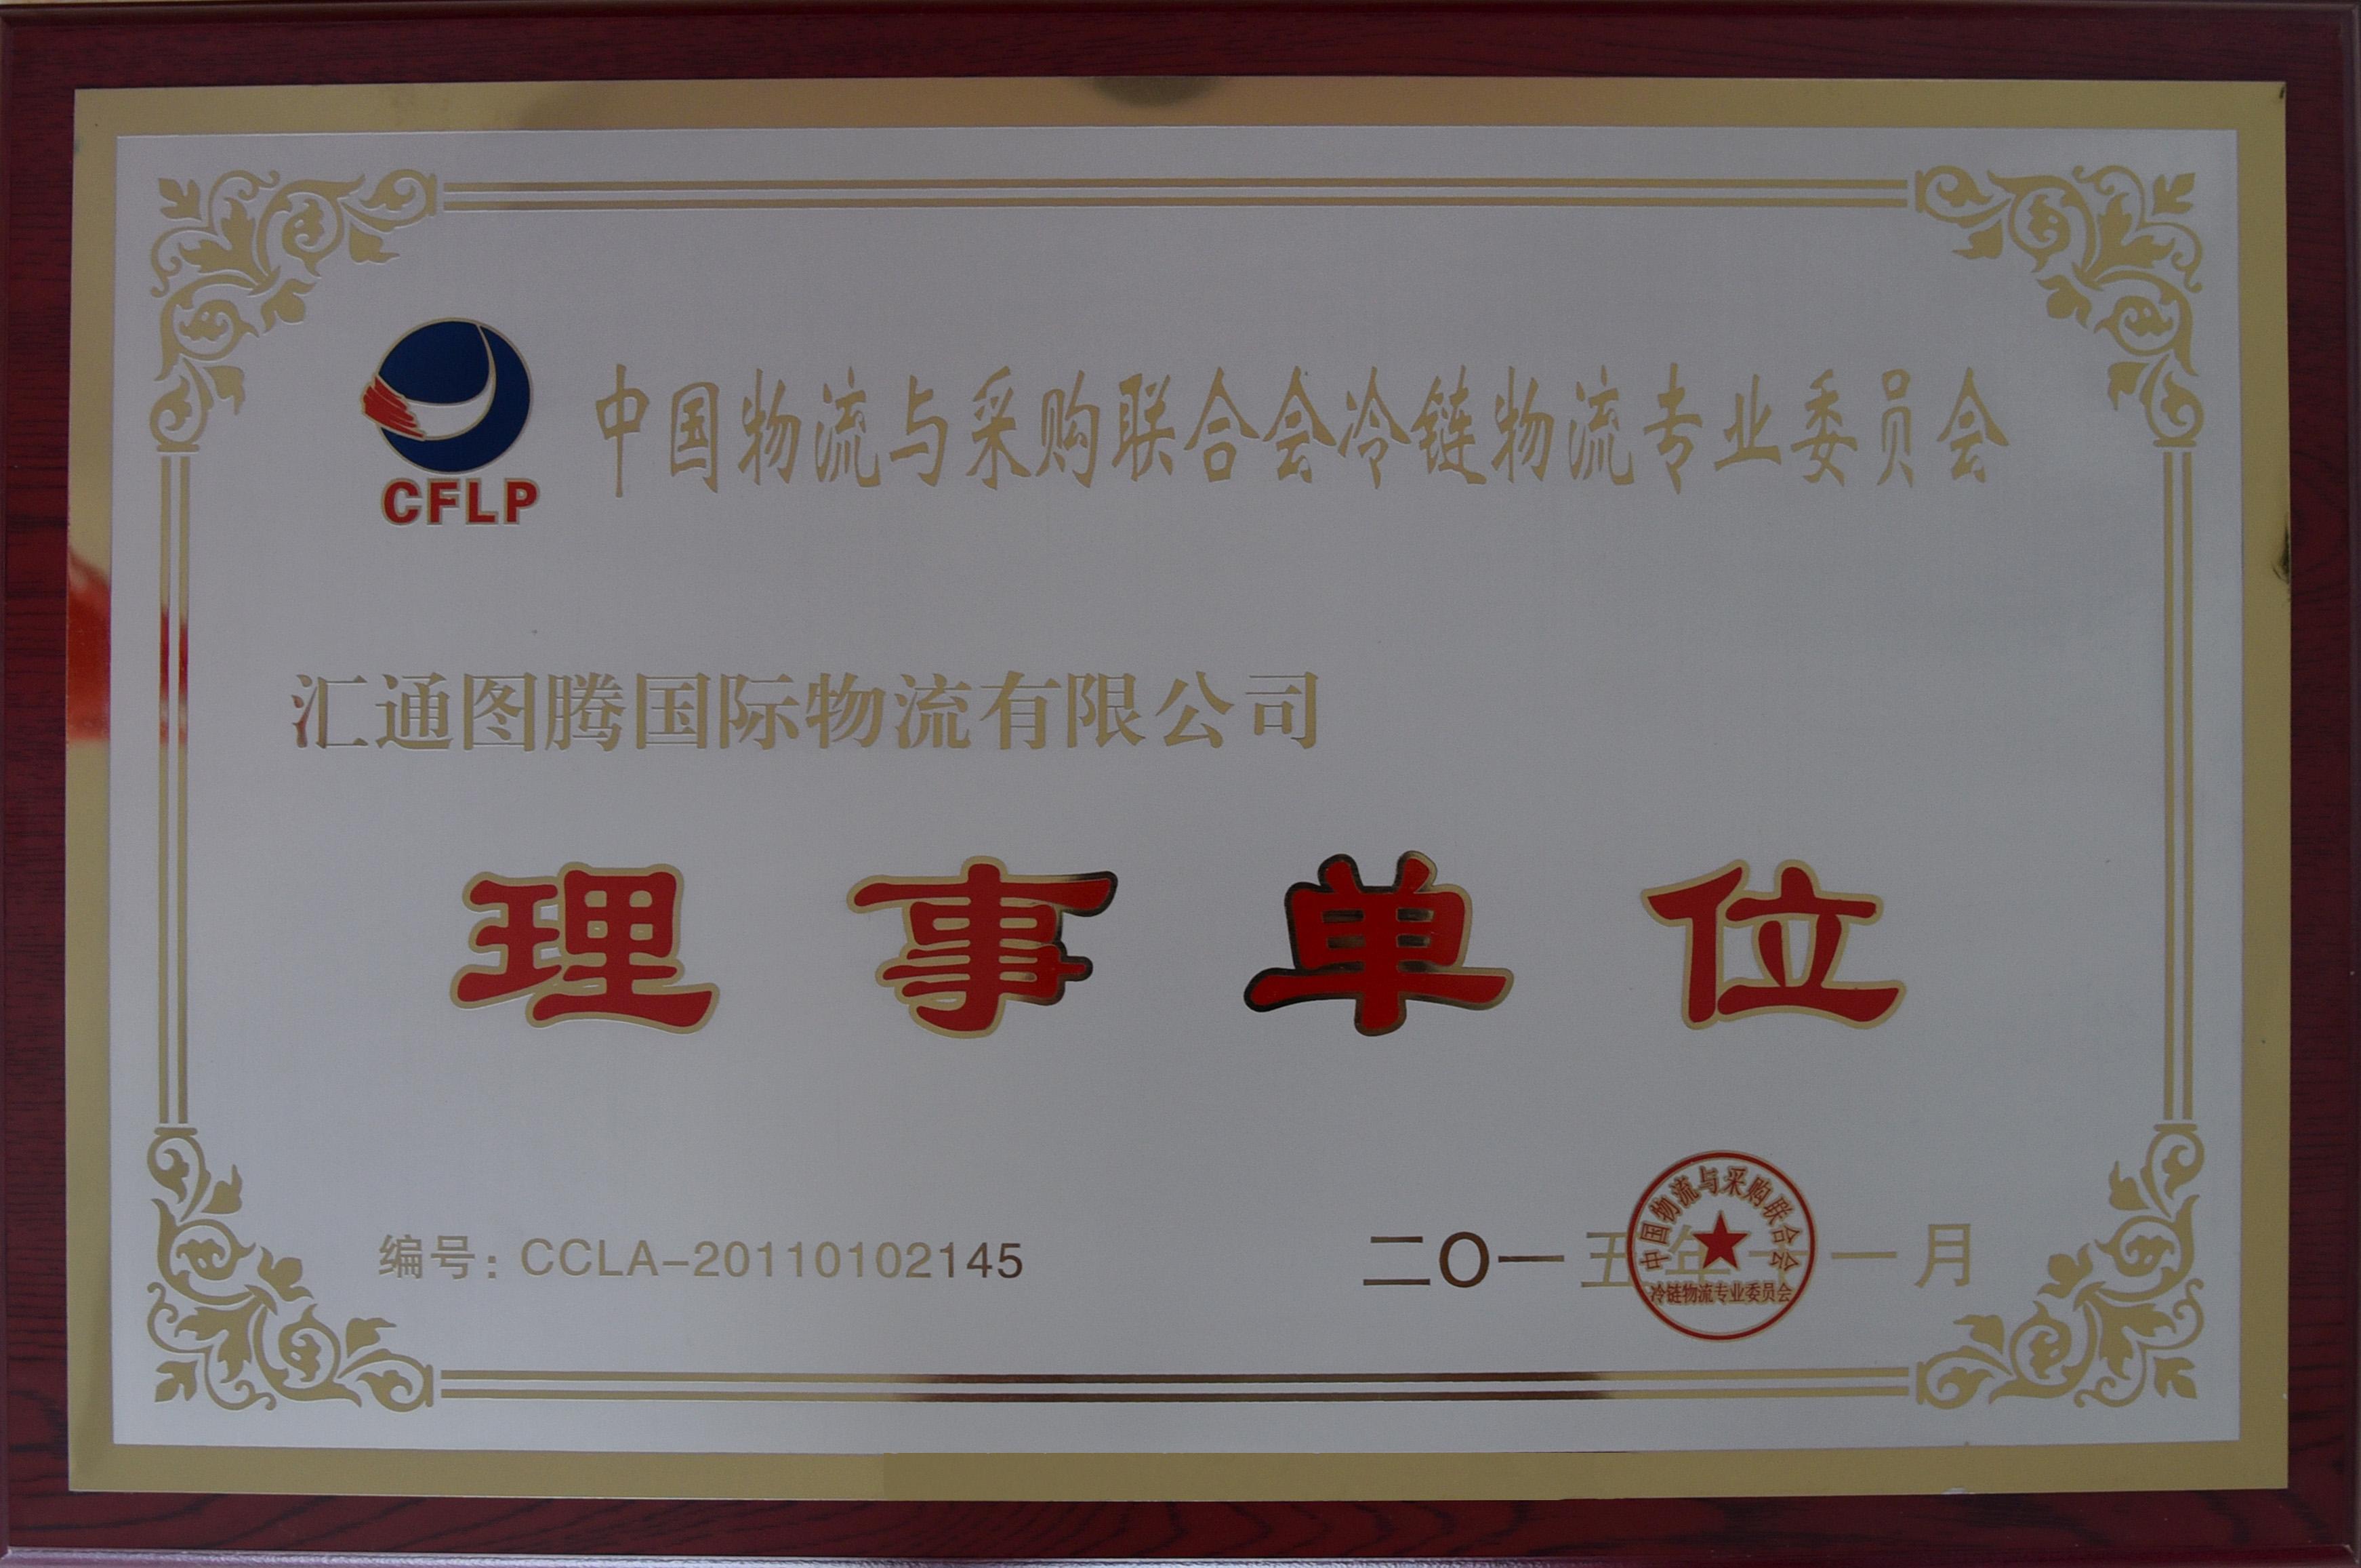 中國物流與采購聯合會冷鏈物流專業委員會理事單位